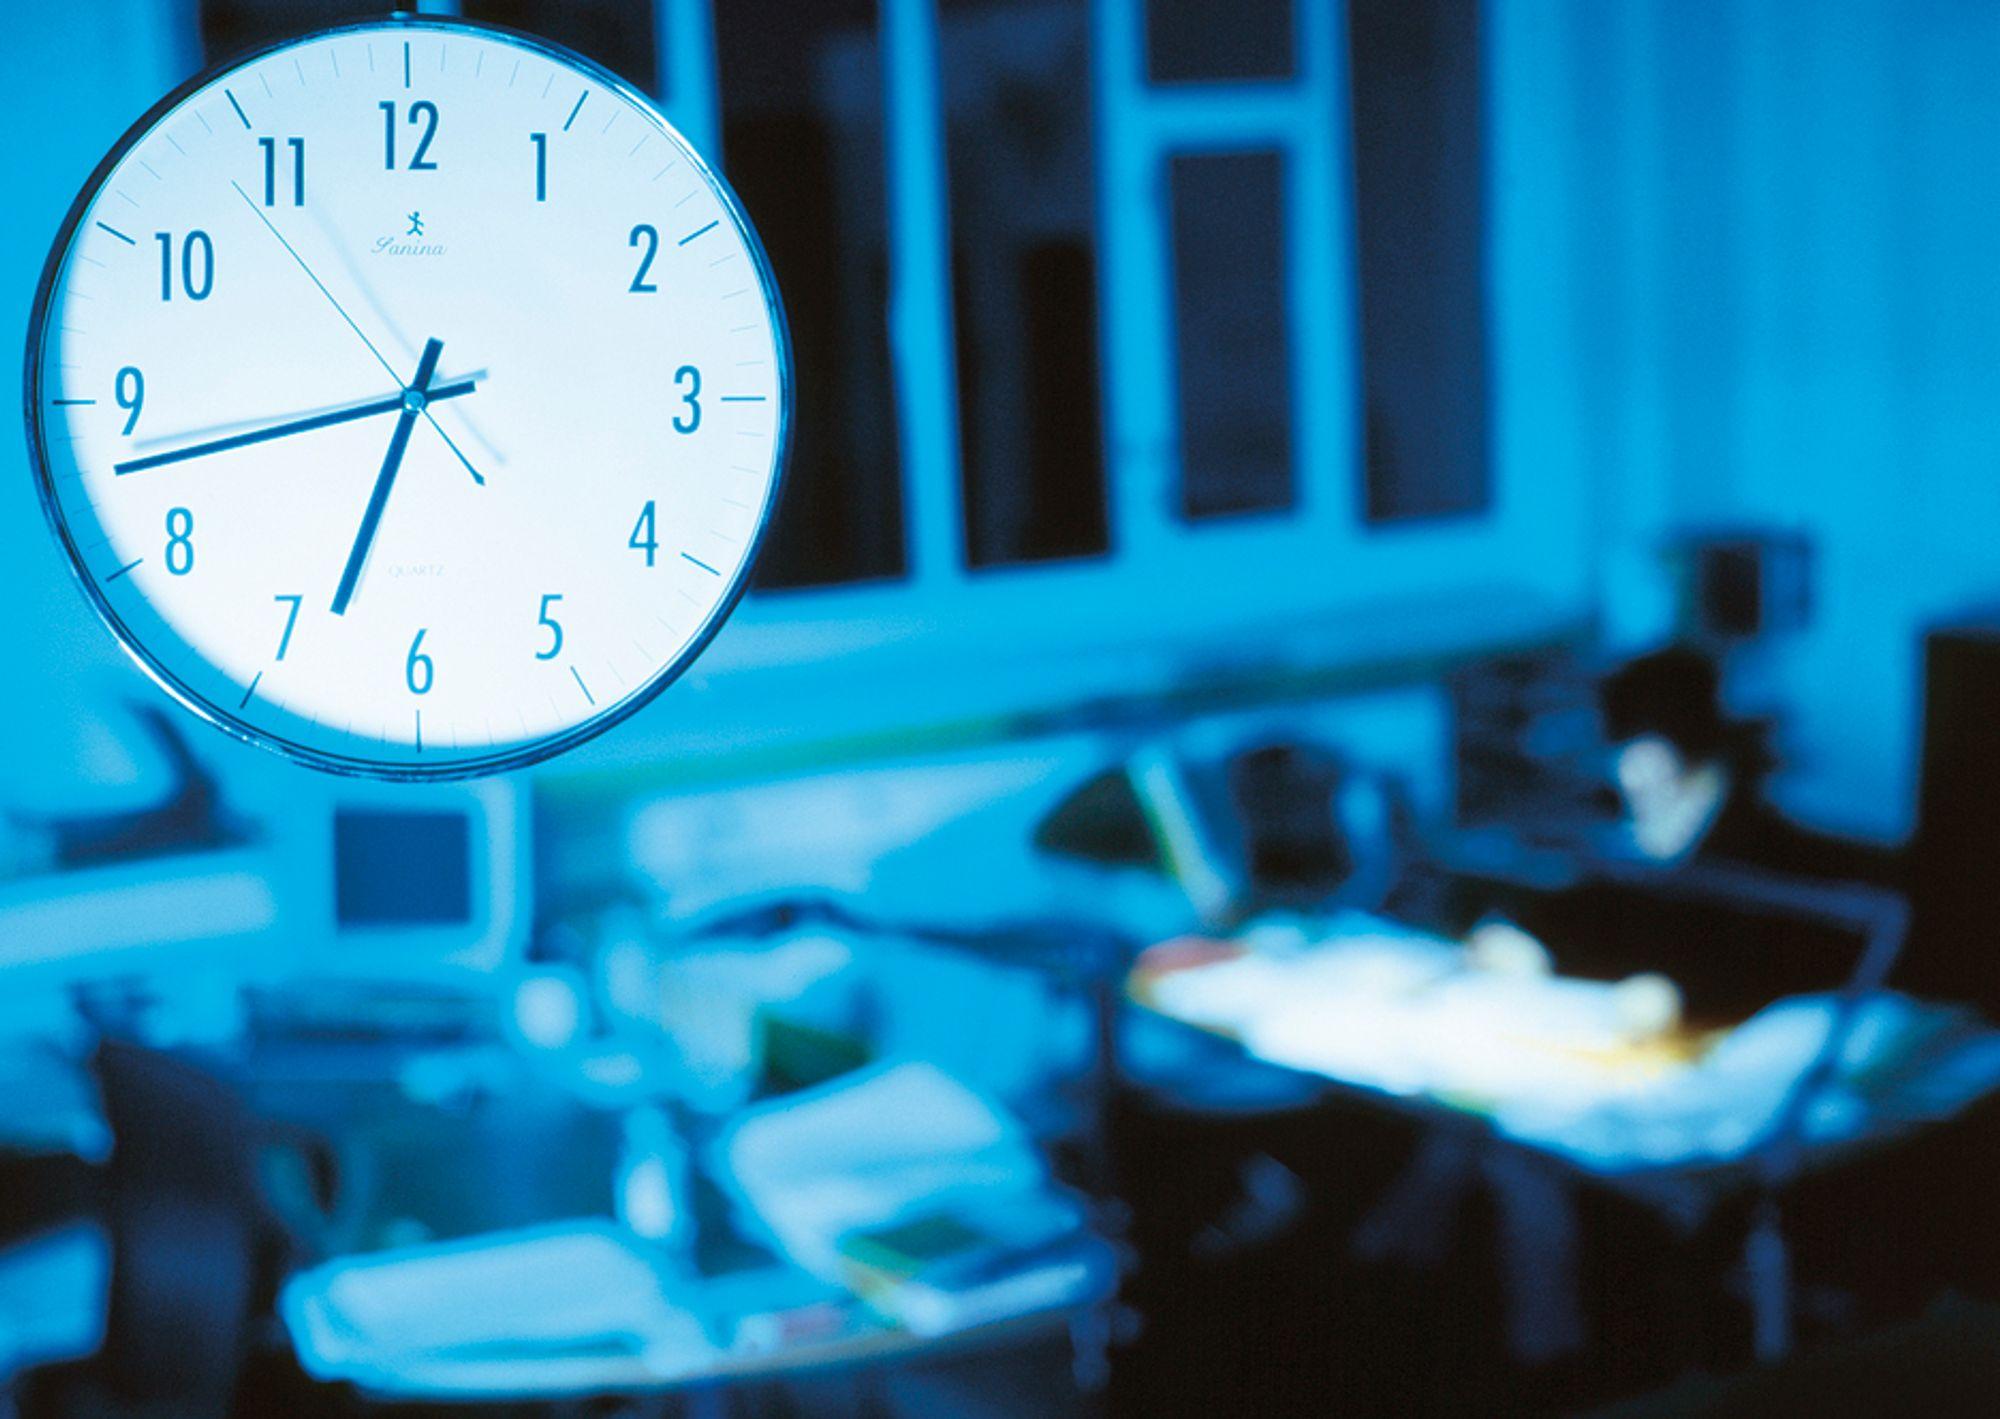 ALLTID TILGJENGELIG: Mange jobber overtid uten å rapportere om det til sjefen. Utstrakt bruk av hjemmekontor skal ha noe av skylda.